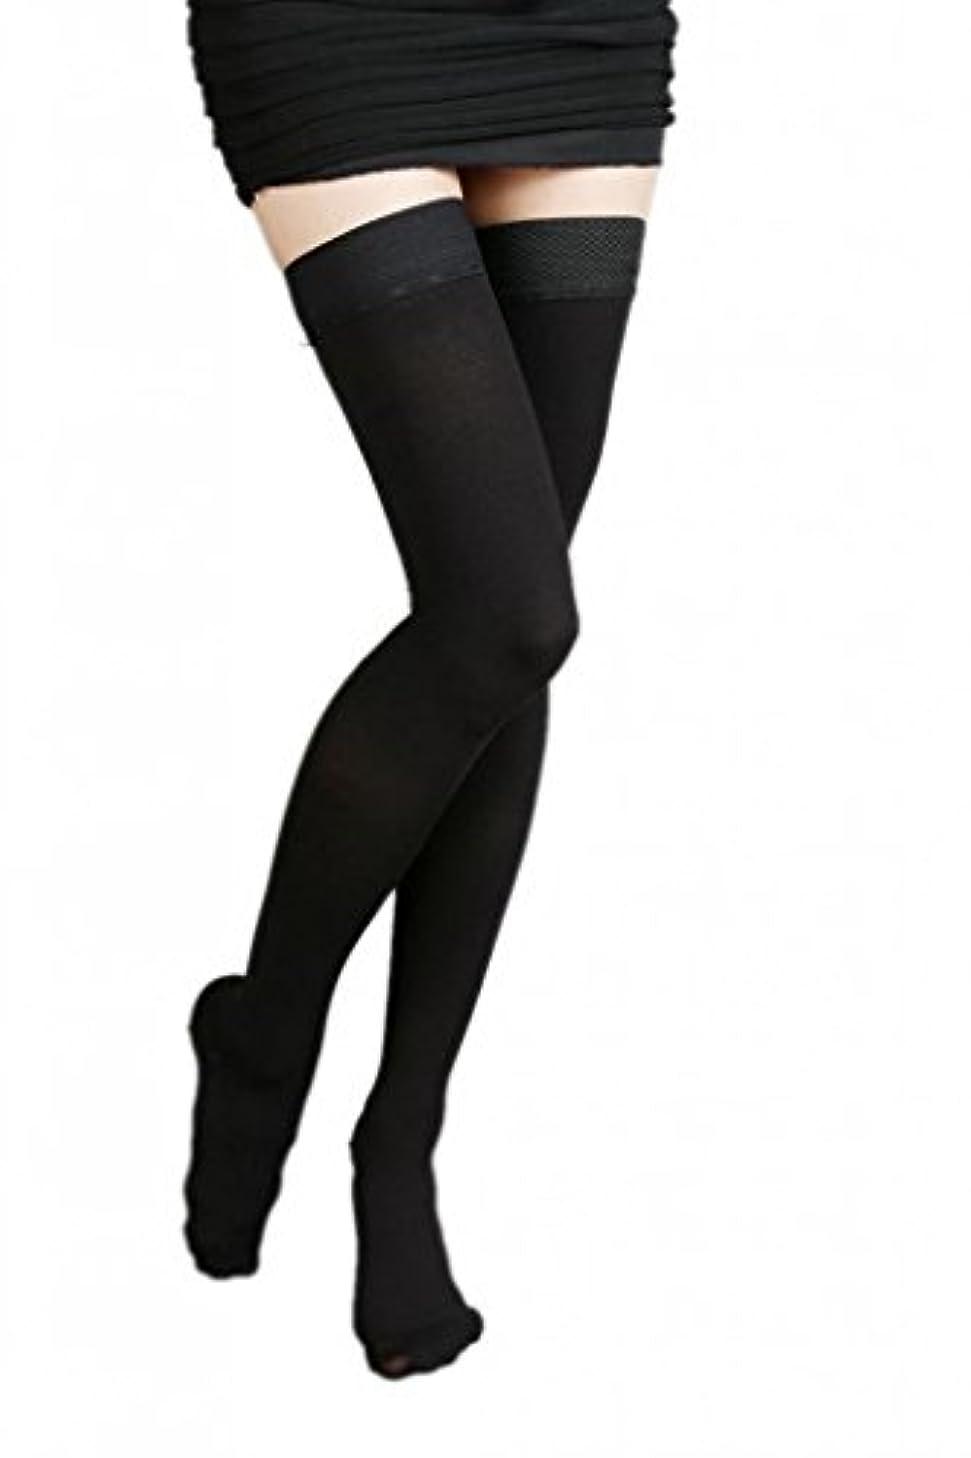 控えるルール指定する(ラボーグ)La Vogue 美脚 着圧オーバーニーソックス ハイソックス 靴下 弾性ストッキング つま先あり着圧ソックス XL 2級中圧 黒色